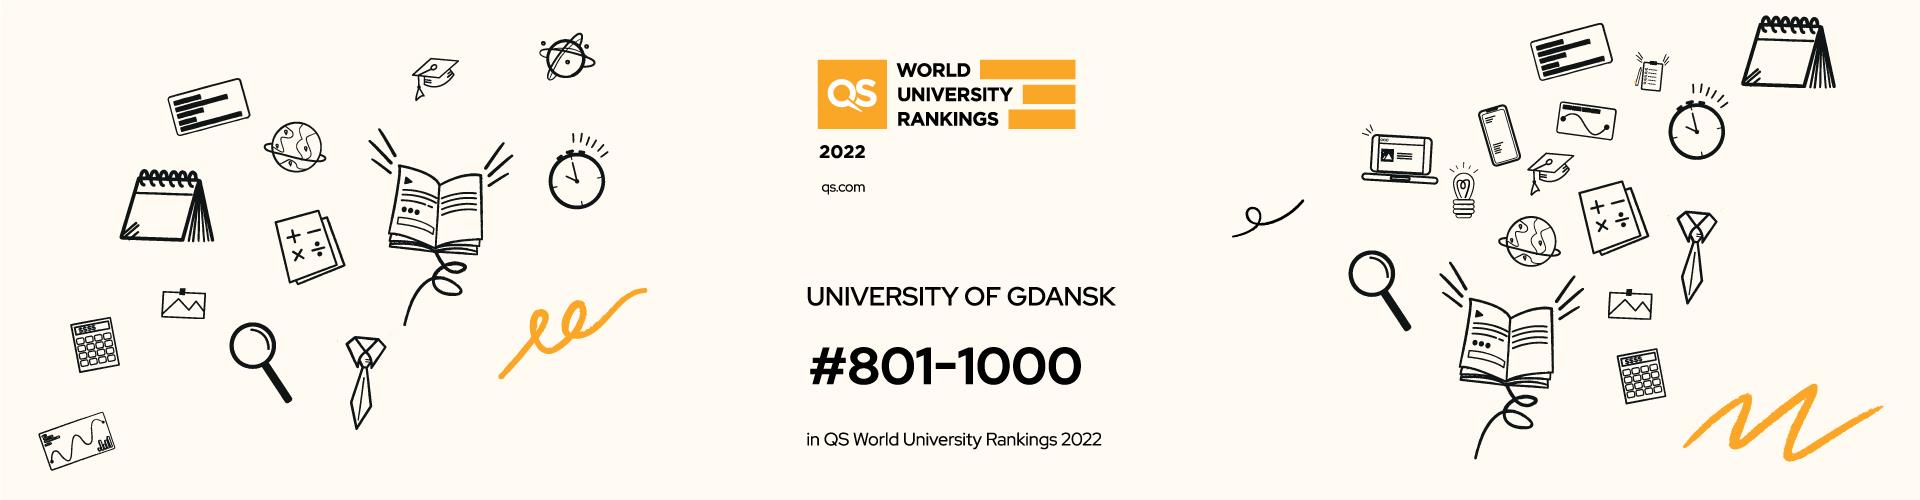 Uniwersytet Gdański w prestiżowym rankingu QS World University Ranking 2022